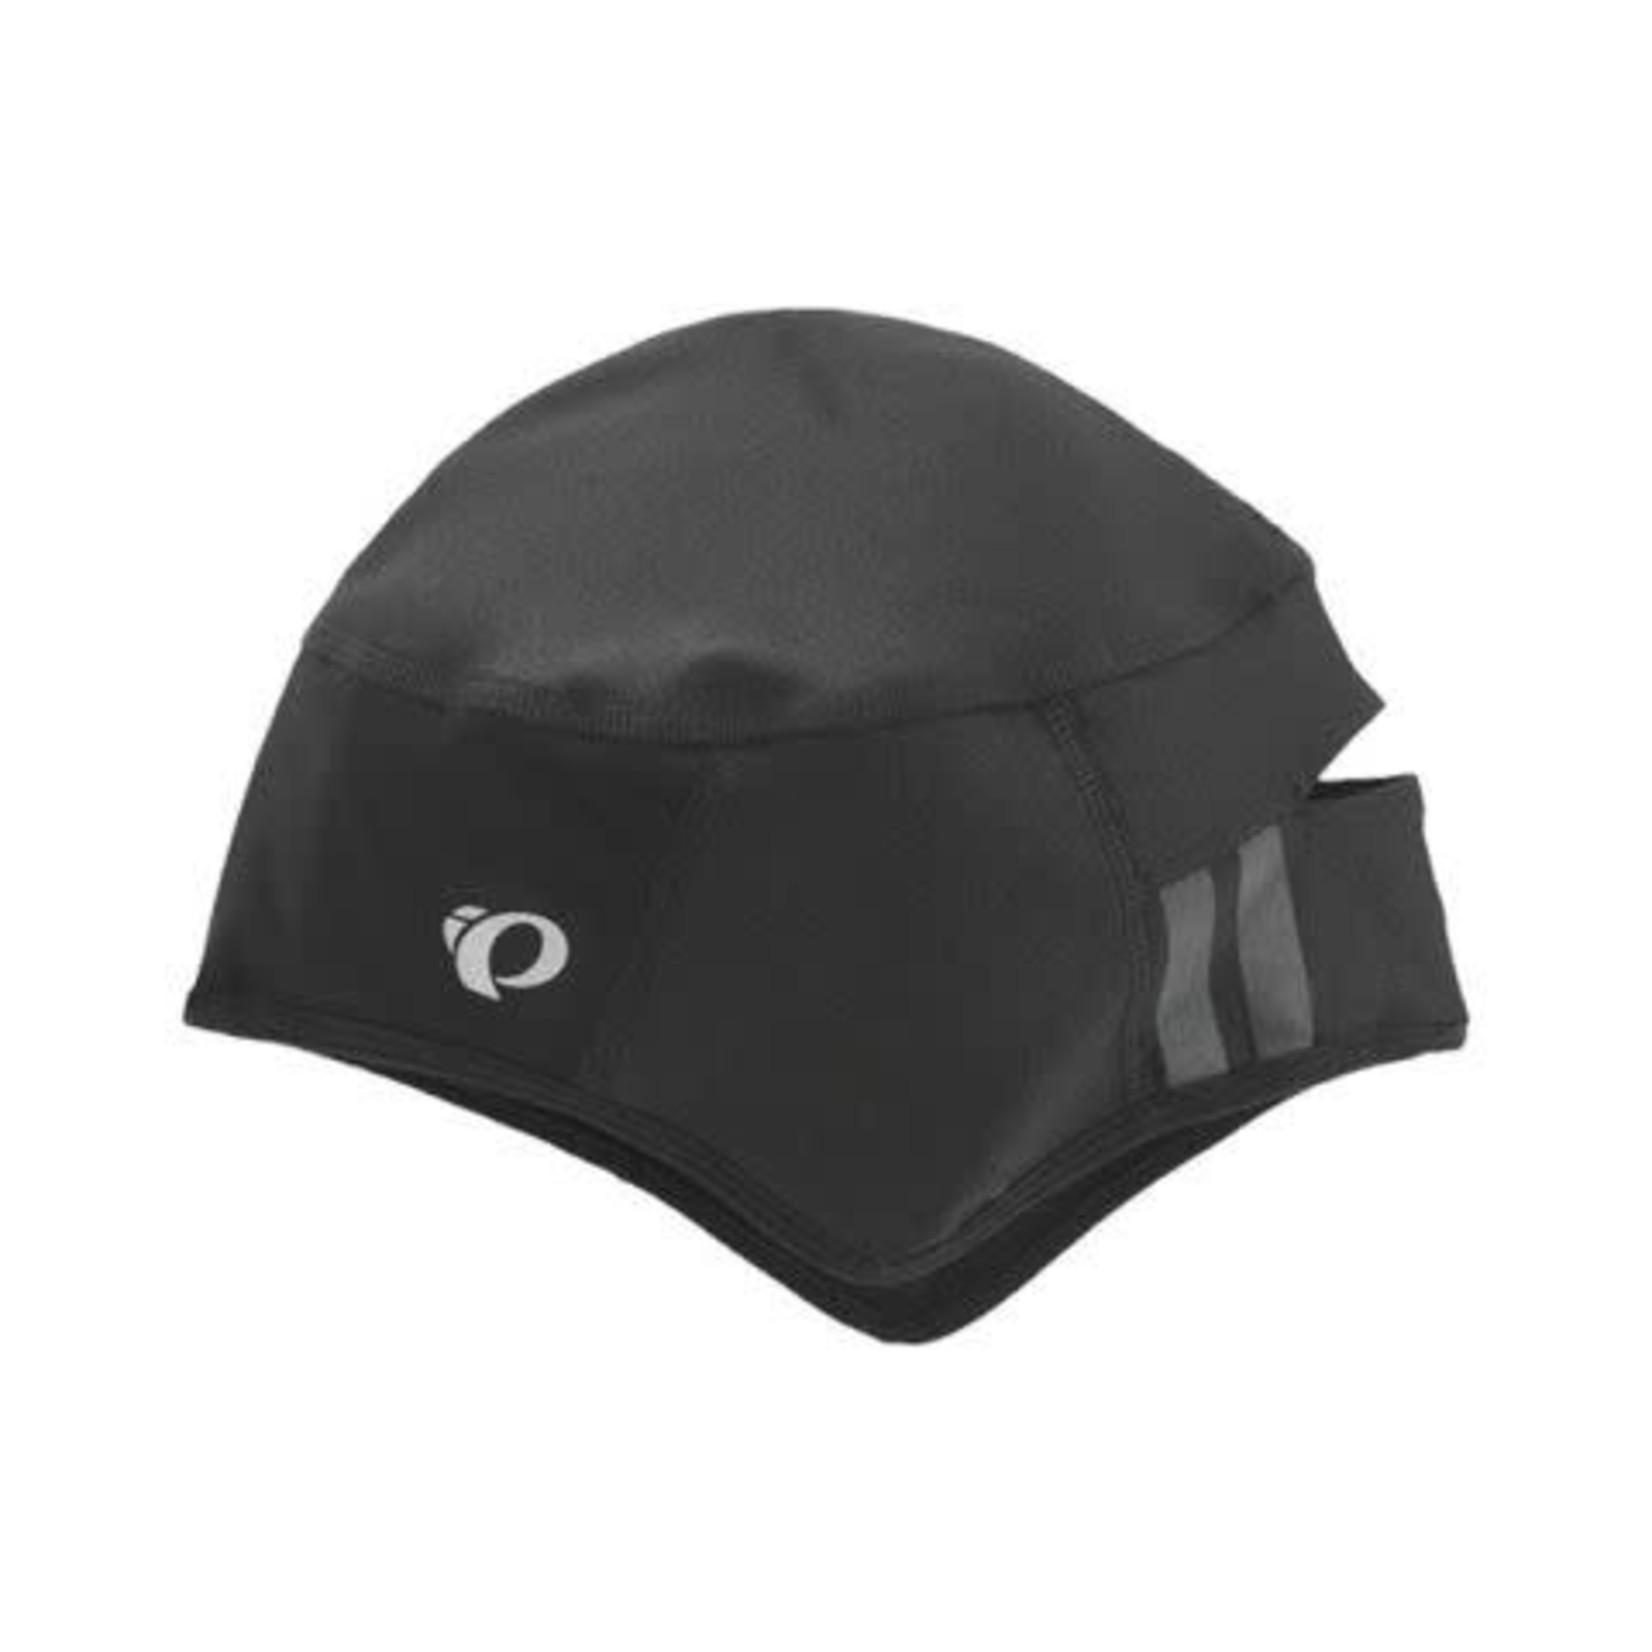 Pearl Izumi Pearl Izumi Barrier skull cap